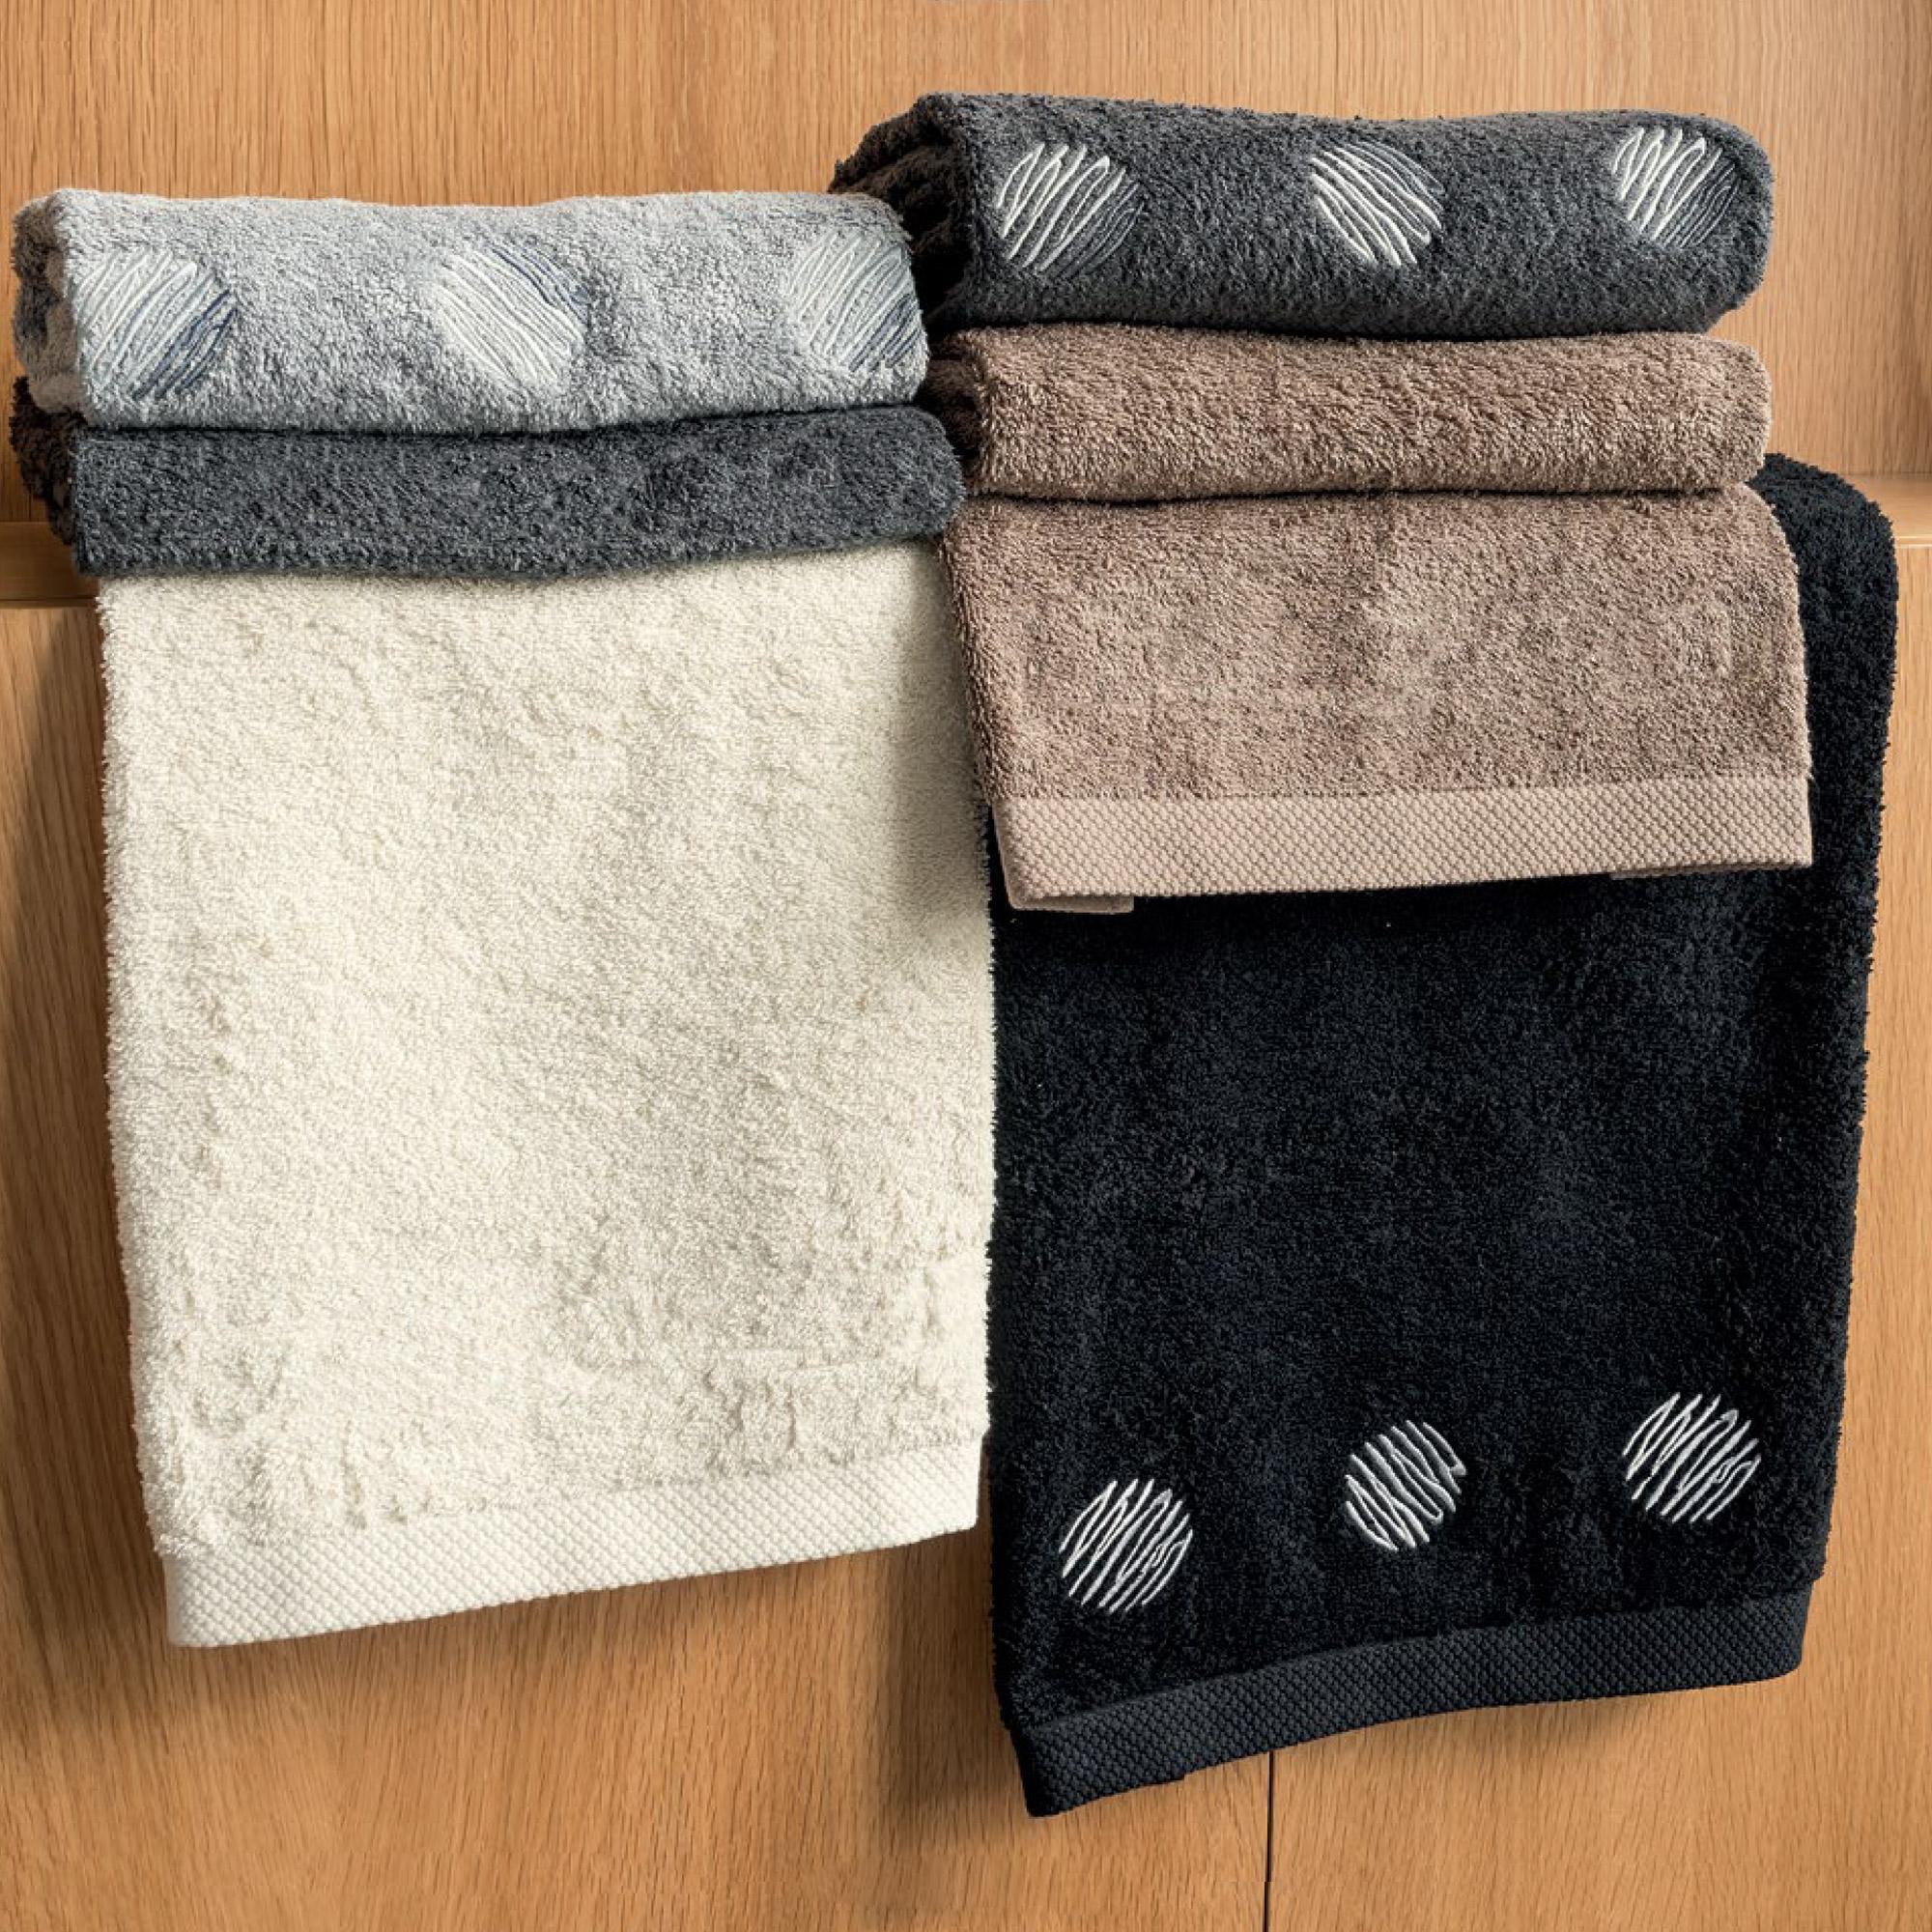 drap de bain 100x150 100 coton 550g m2 pure globo gris argent ebay. Black Bedroom Furniture Sets. Home Design Ideas